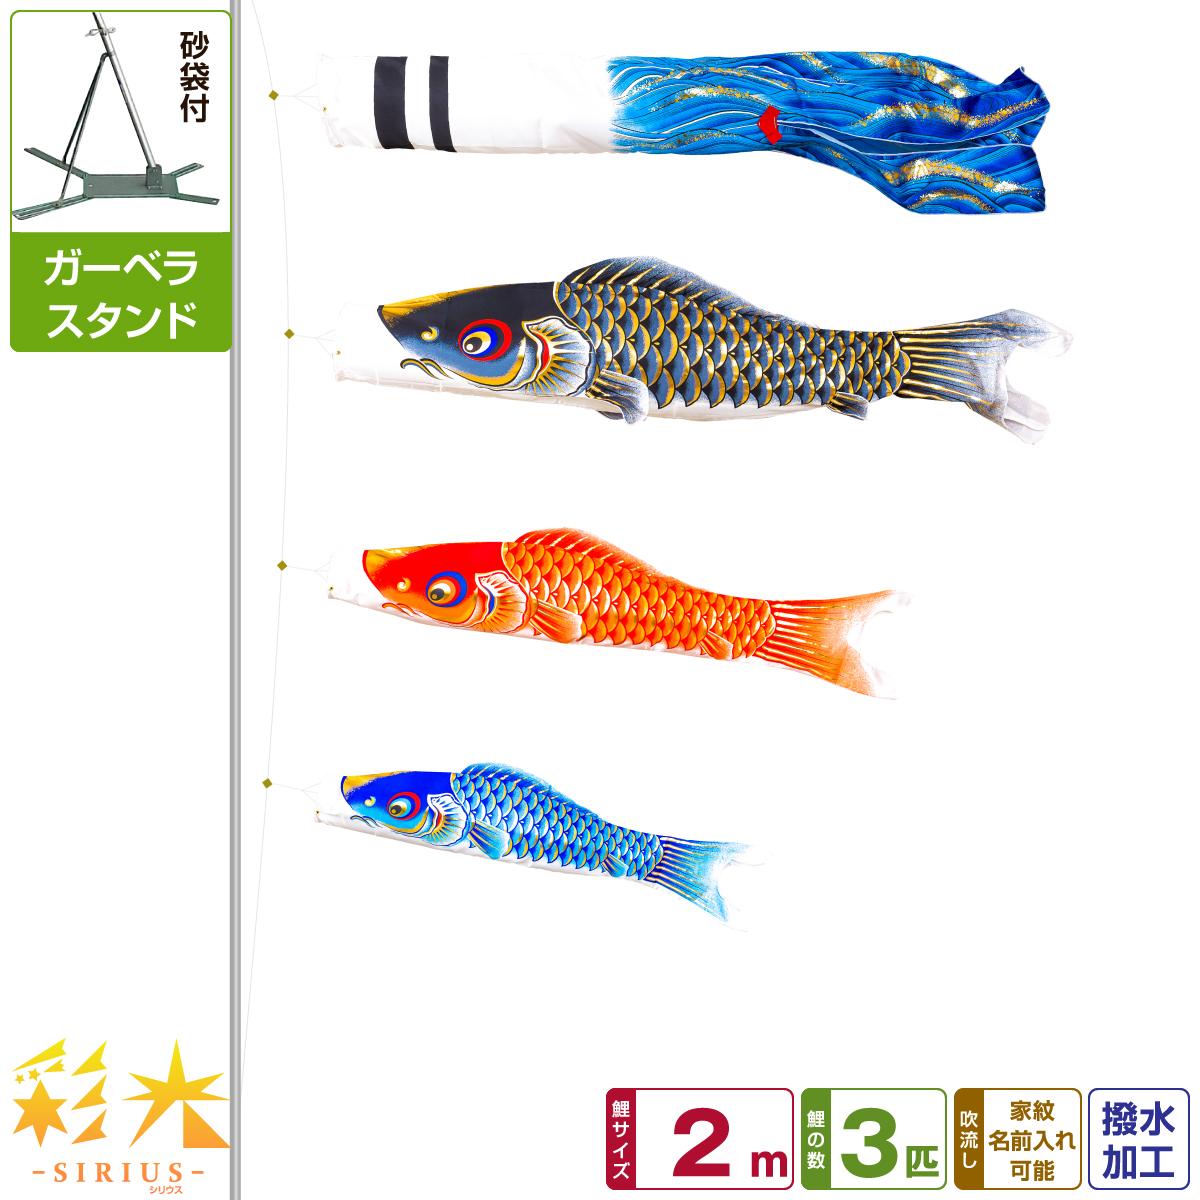 ベランダ用 こいのぼり 鯉のぼり SIRIUS/彩光鯉 2m 6点(吹流し+鯉3匹+矢車+ロープ)/ガーベラセット(庭・ベランダ兼用スタンド)